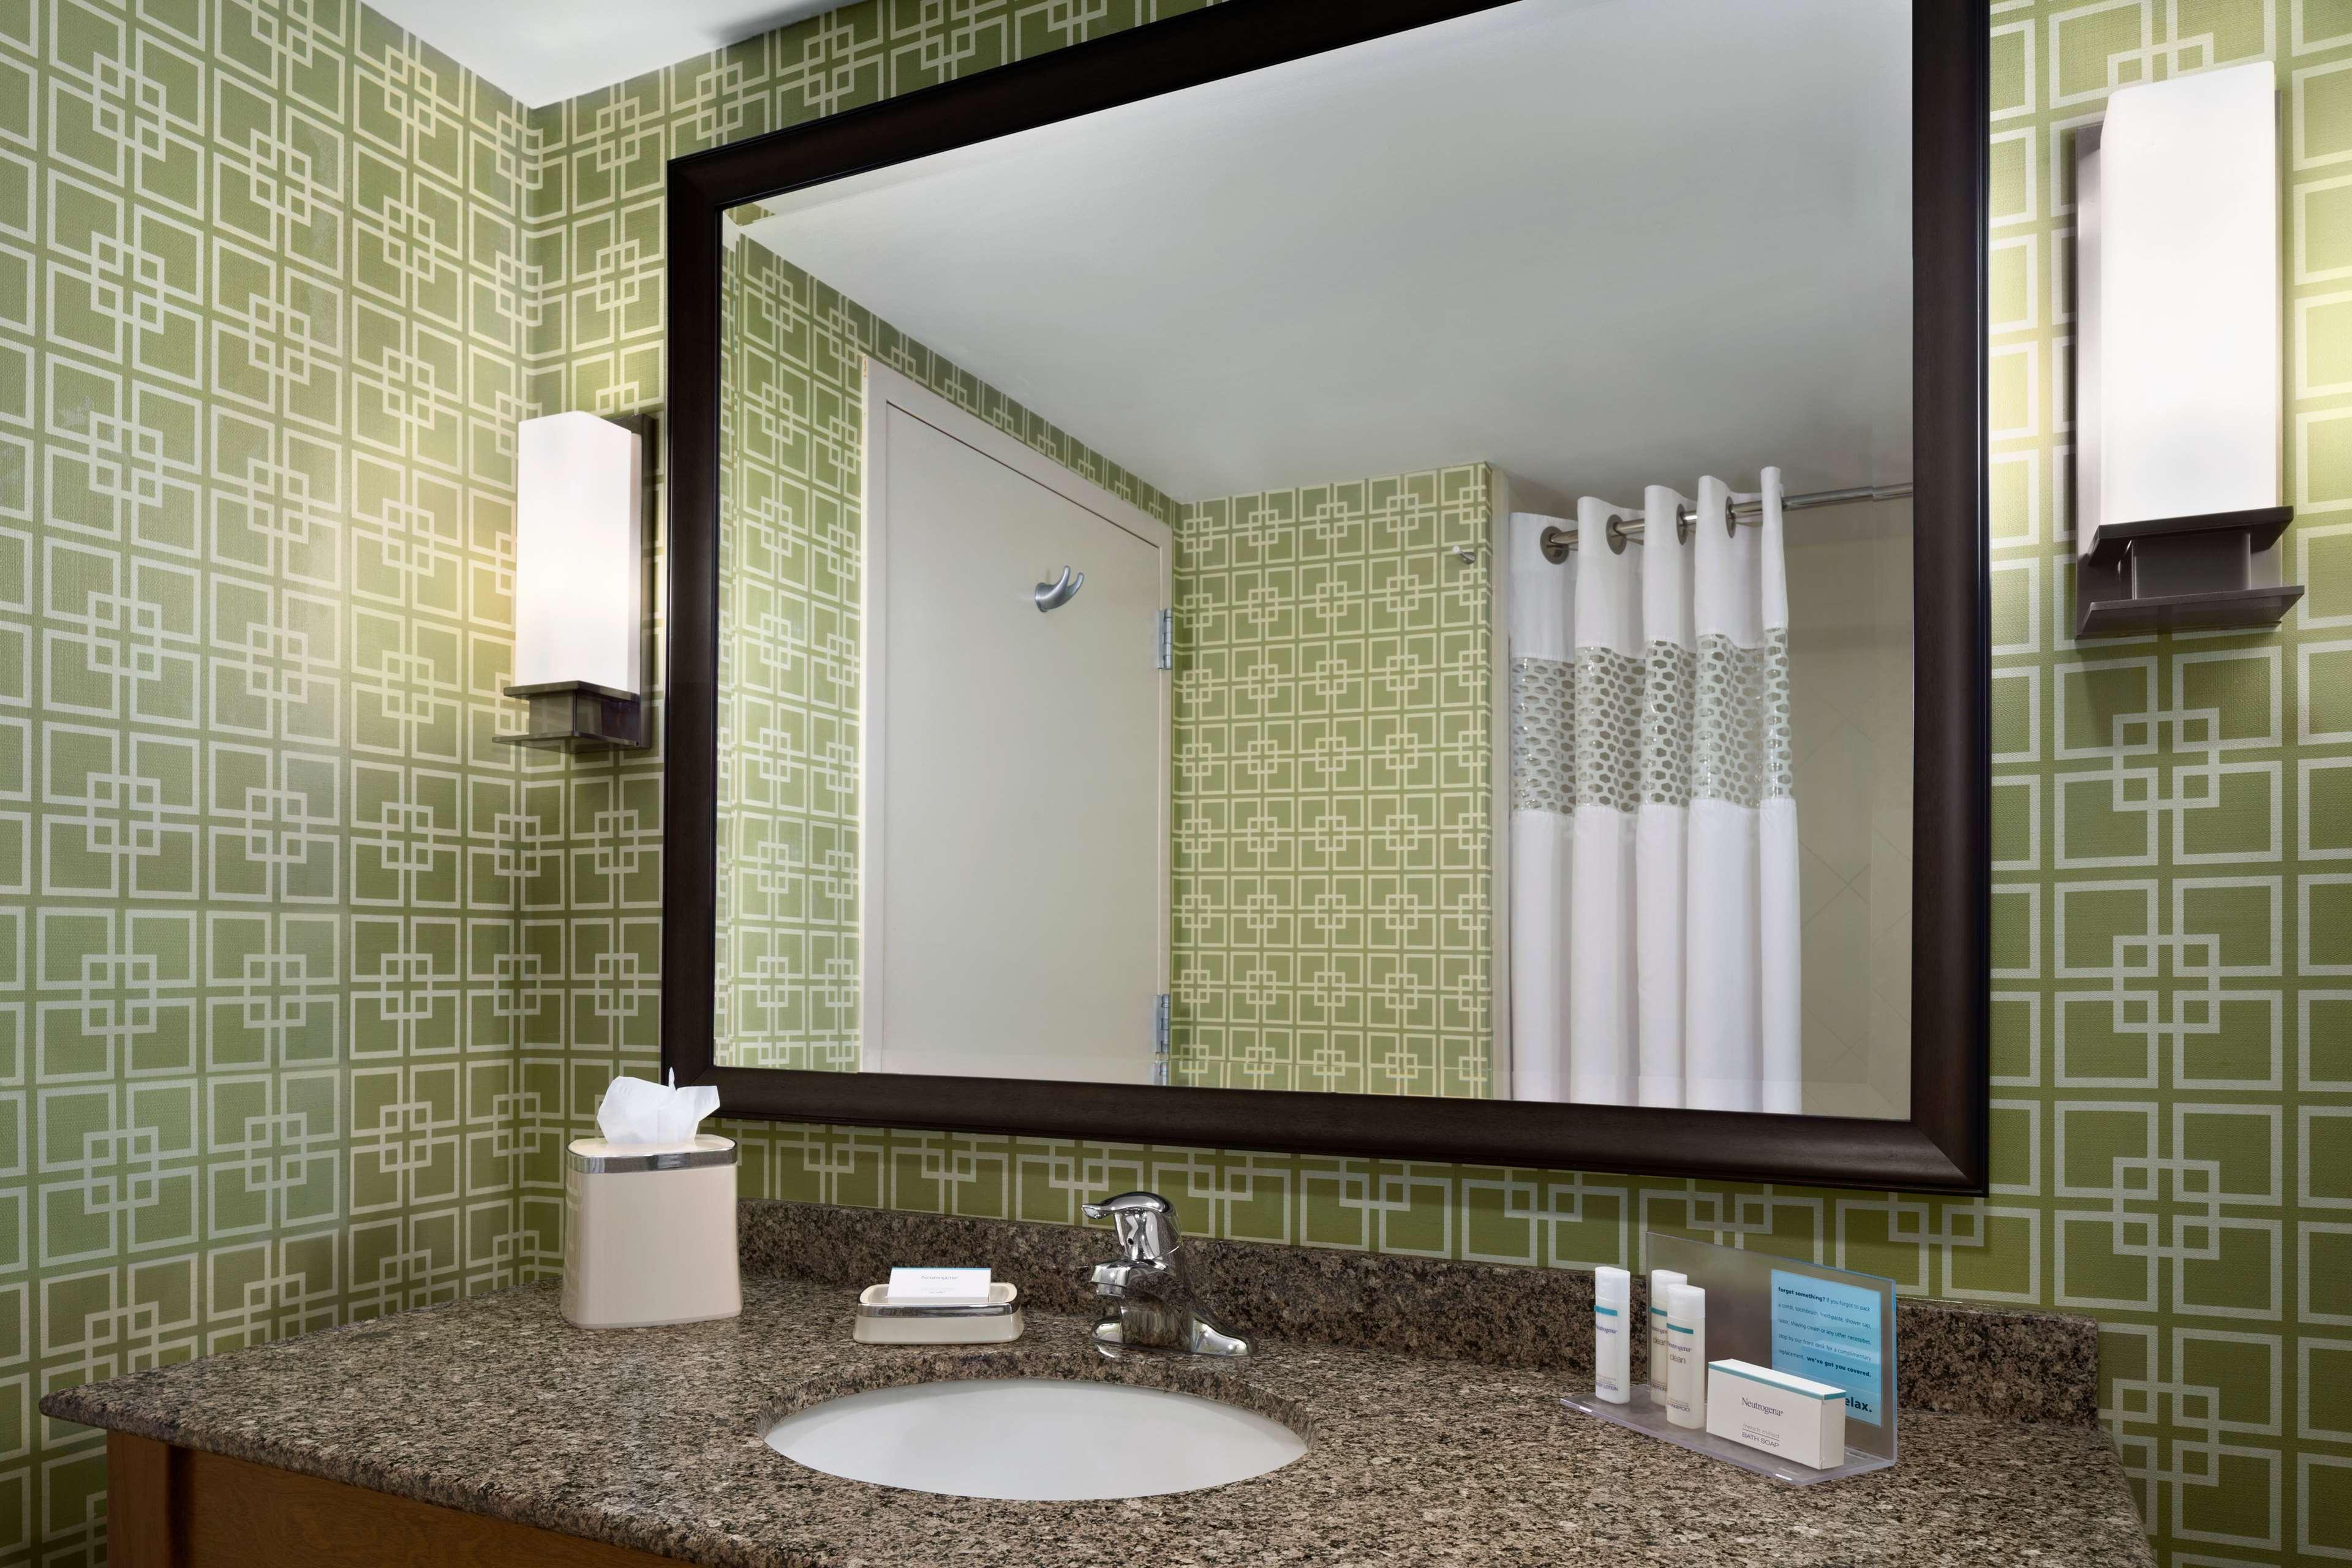 Hampton Inn and Suites Clayton/St Louis-Galleria Area image 22